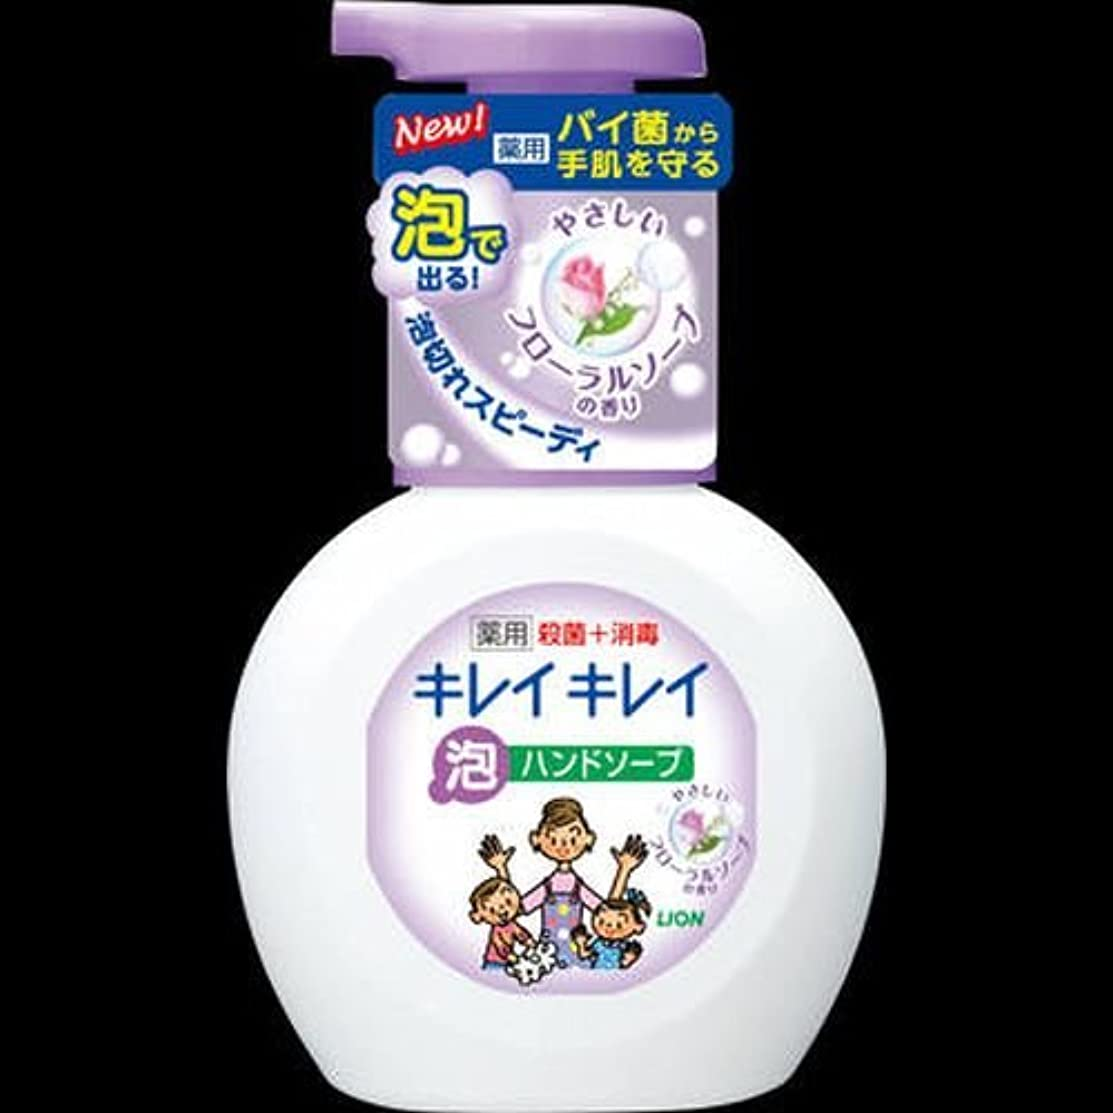 部分的に強度うめき声キレイキレイ 薬用泡ハンドソープ フローラルソープの香り ポンプ 250mL ×2セット